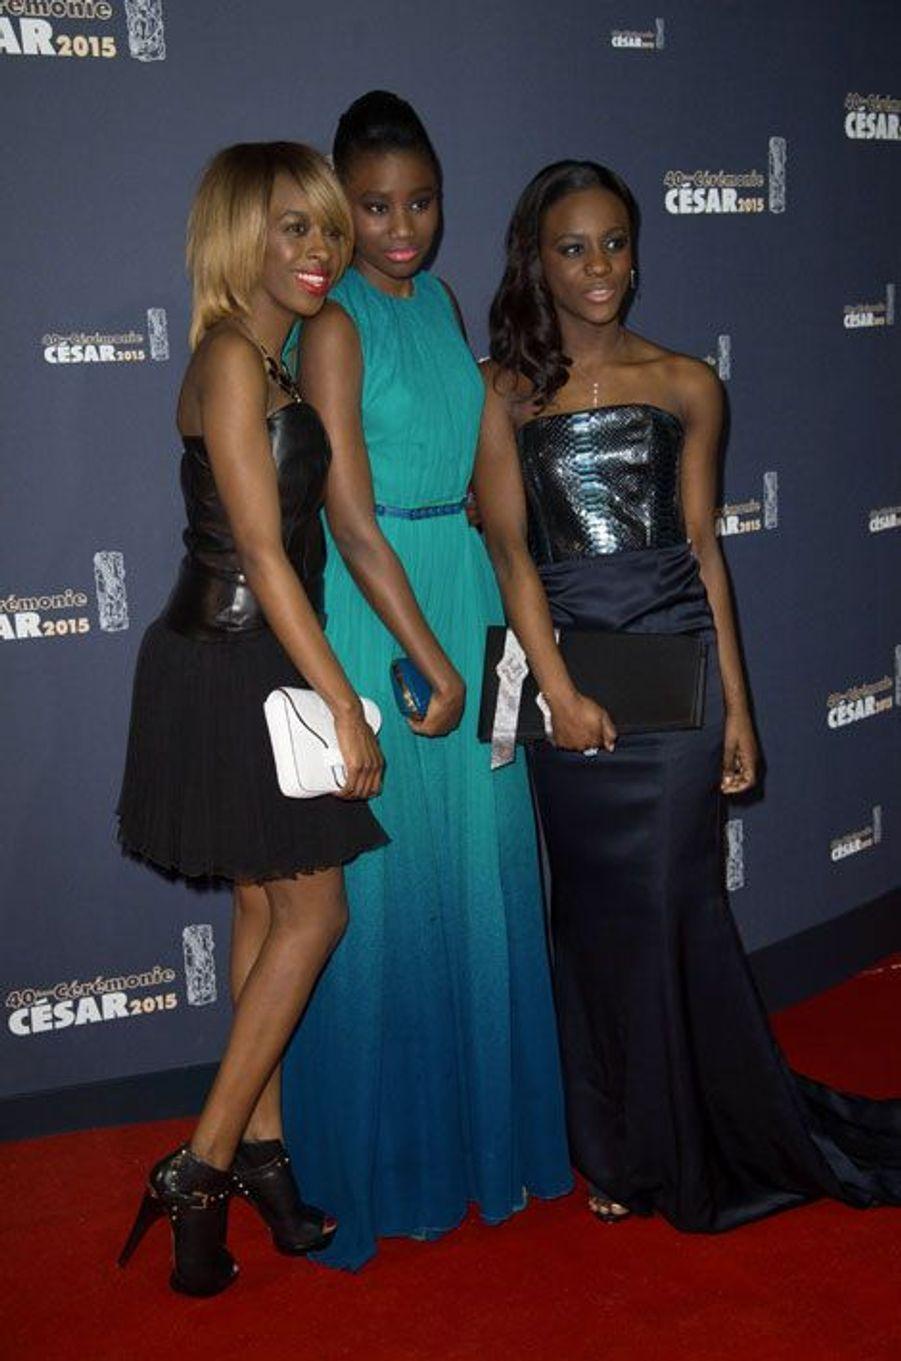 """Karidja Touré et les actrices de """"Bande de filles"""" lors de la cérémonie des César à Paris, le 20 février 2015"""